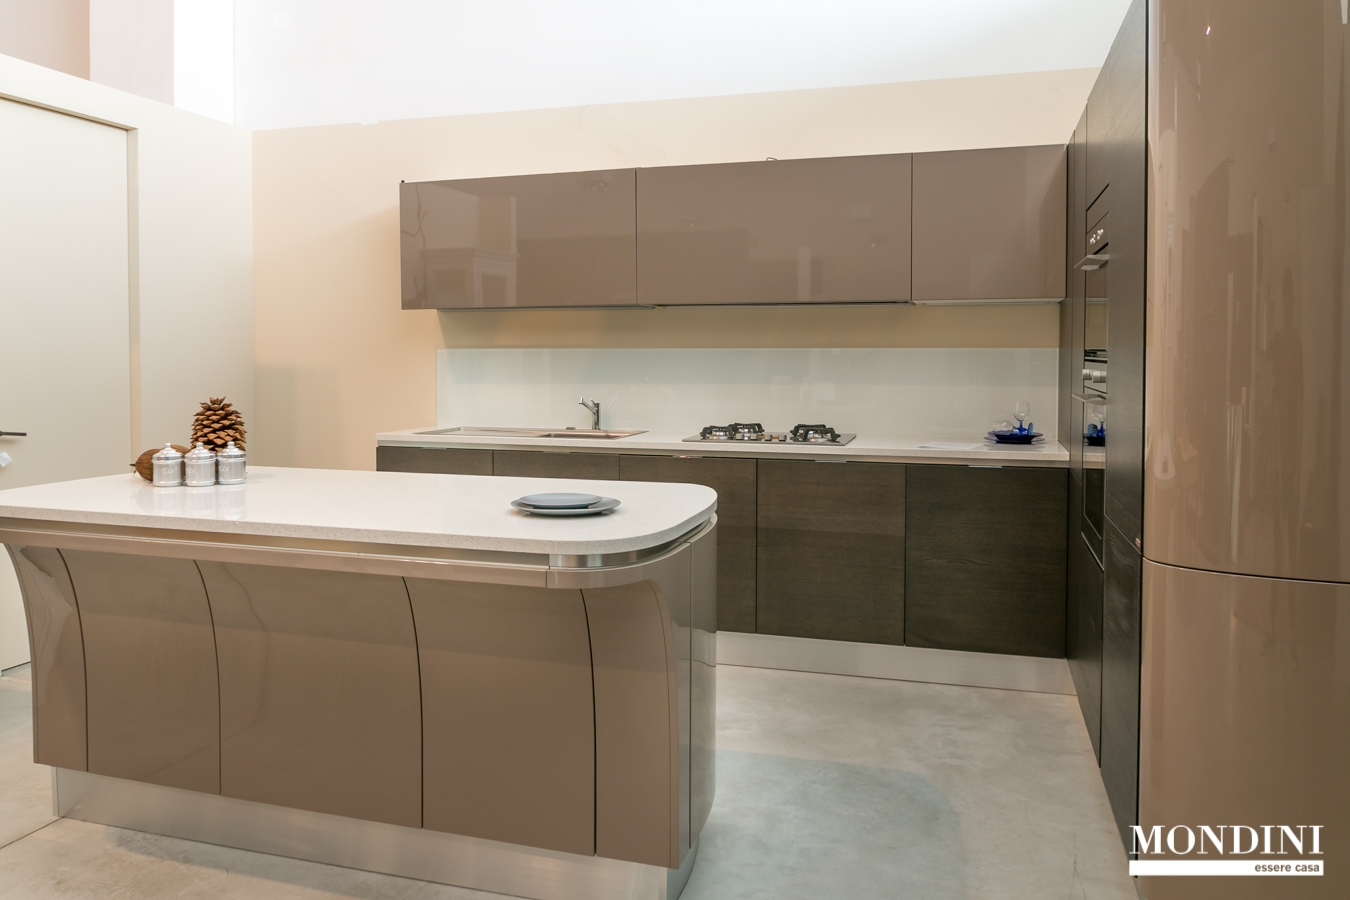 Cucina Scavolini modello Mood con isola scontata del 69% - Cucine ...